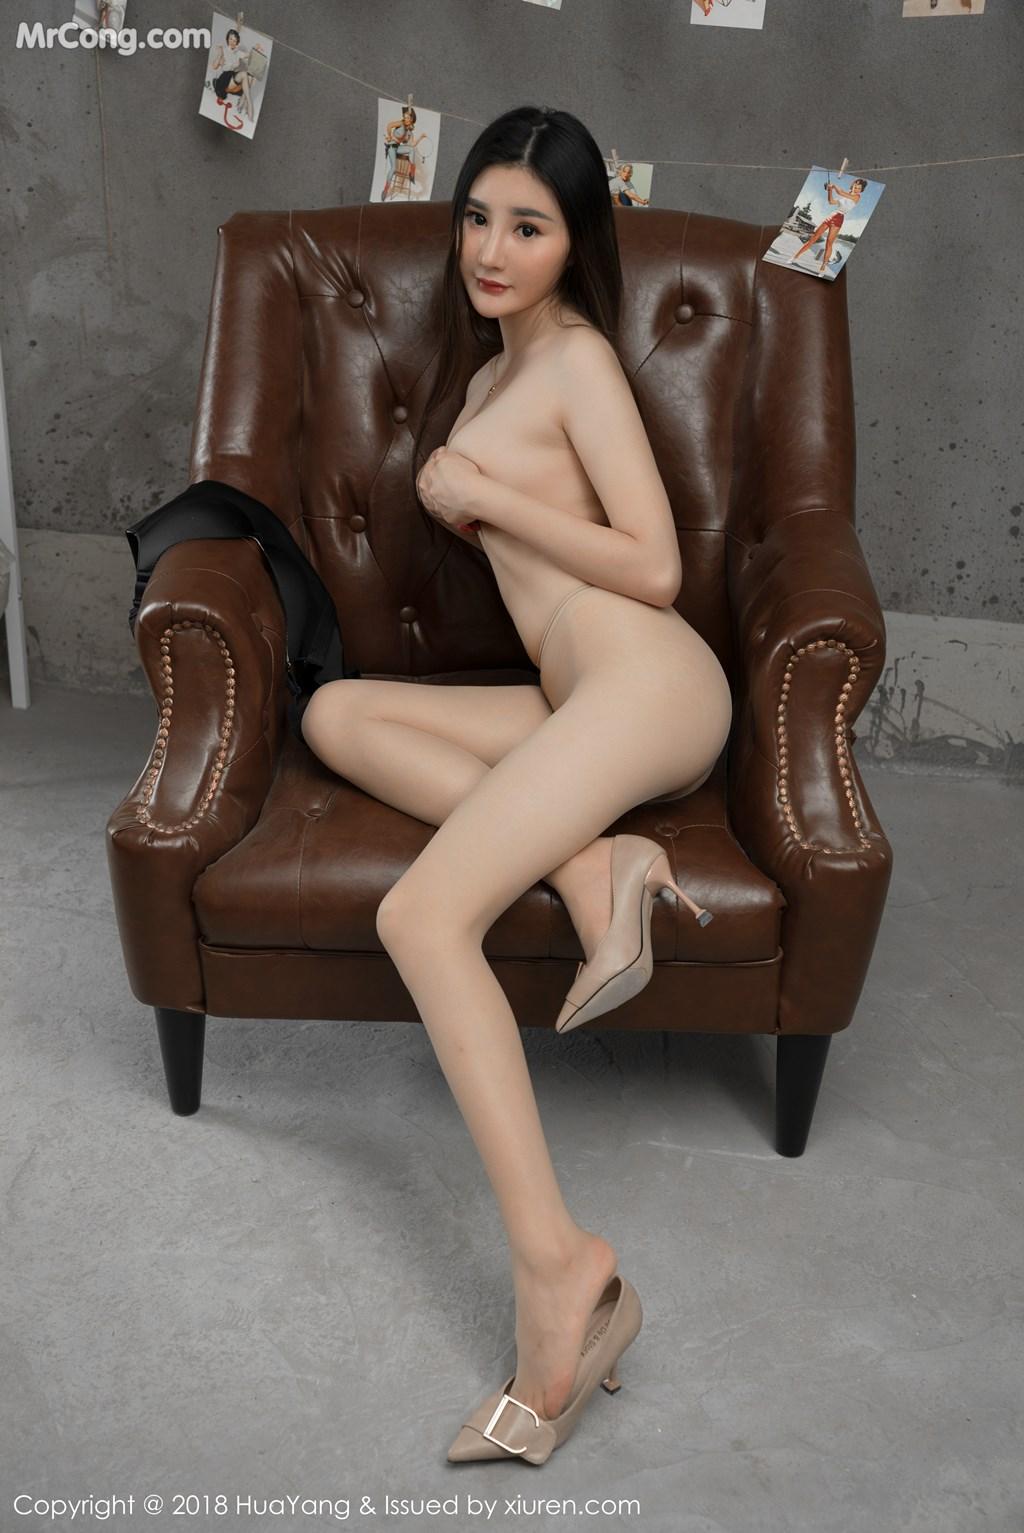 Image HuaYang-2018-03-02-Vol.034-Xiao-Tian-Xin-Candy-MrCong.com-006 in post HuaYang 2018-03-02 Vol.034: Người mẫu Xiao Tian Xin (小甜心Candy) (41 ảnh)